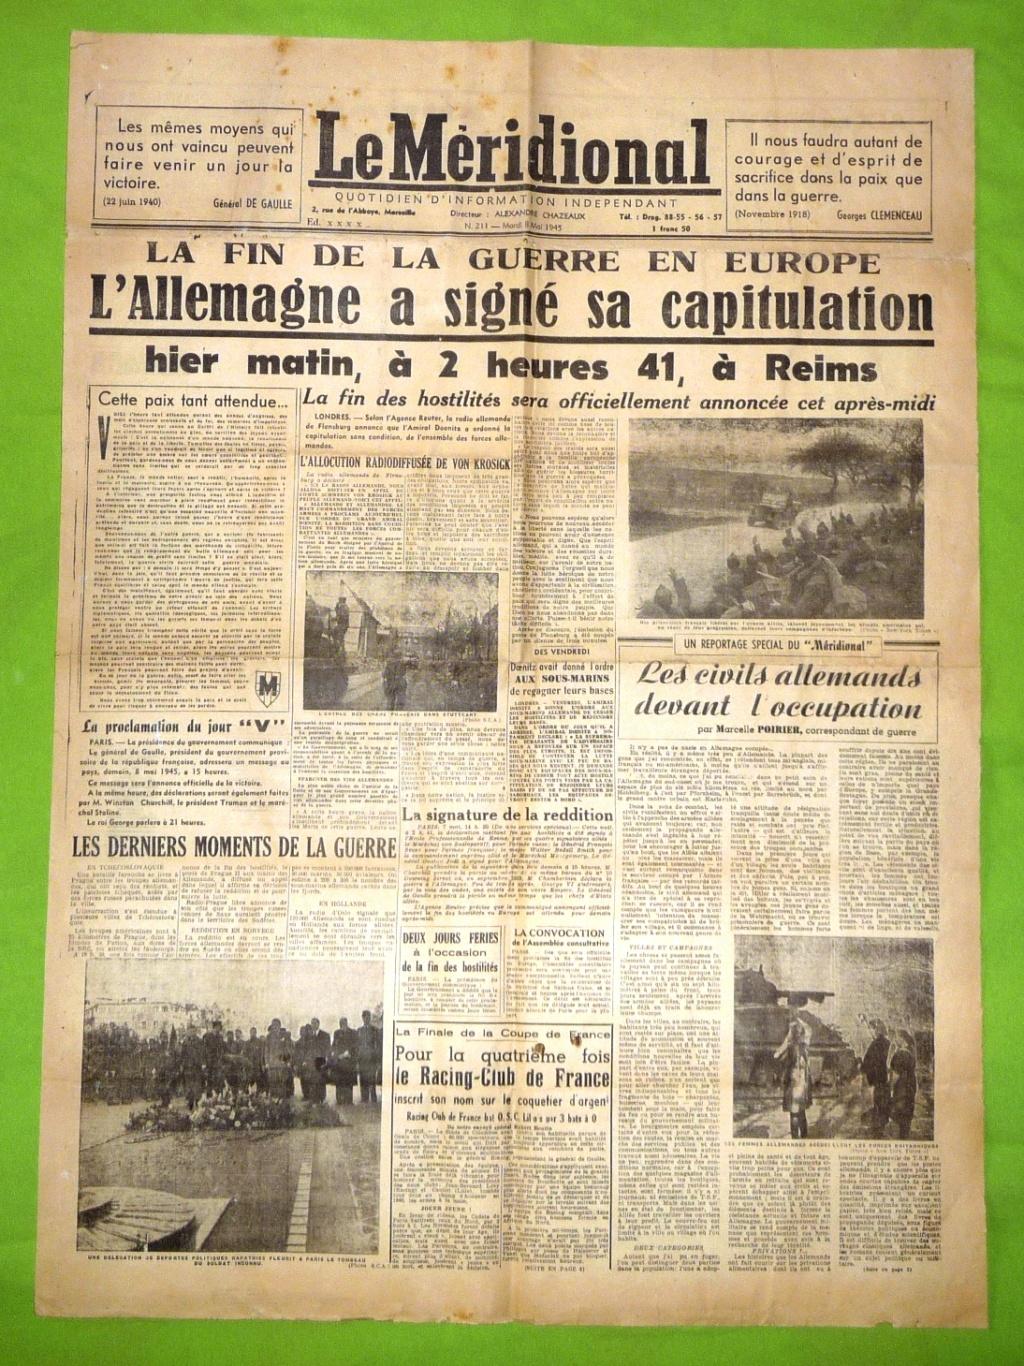 Mai-septembre 1945 : les journaux de la fin de la Seconde Guerre mondiale 8_mai_10